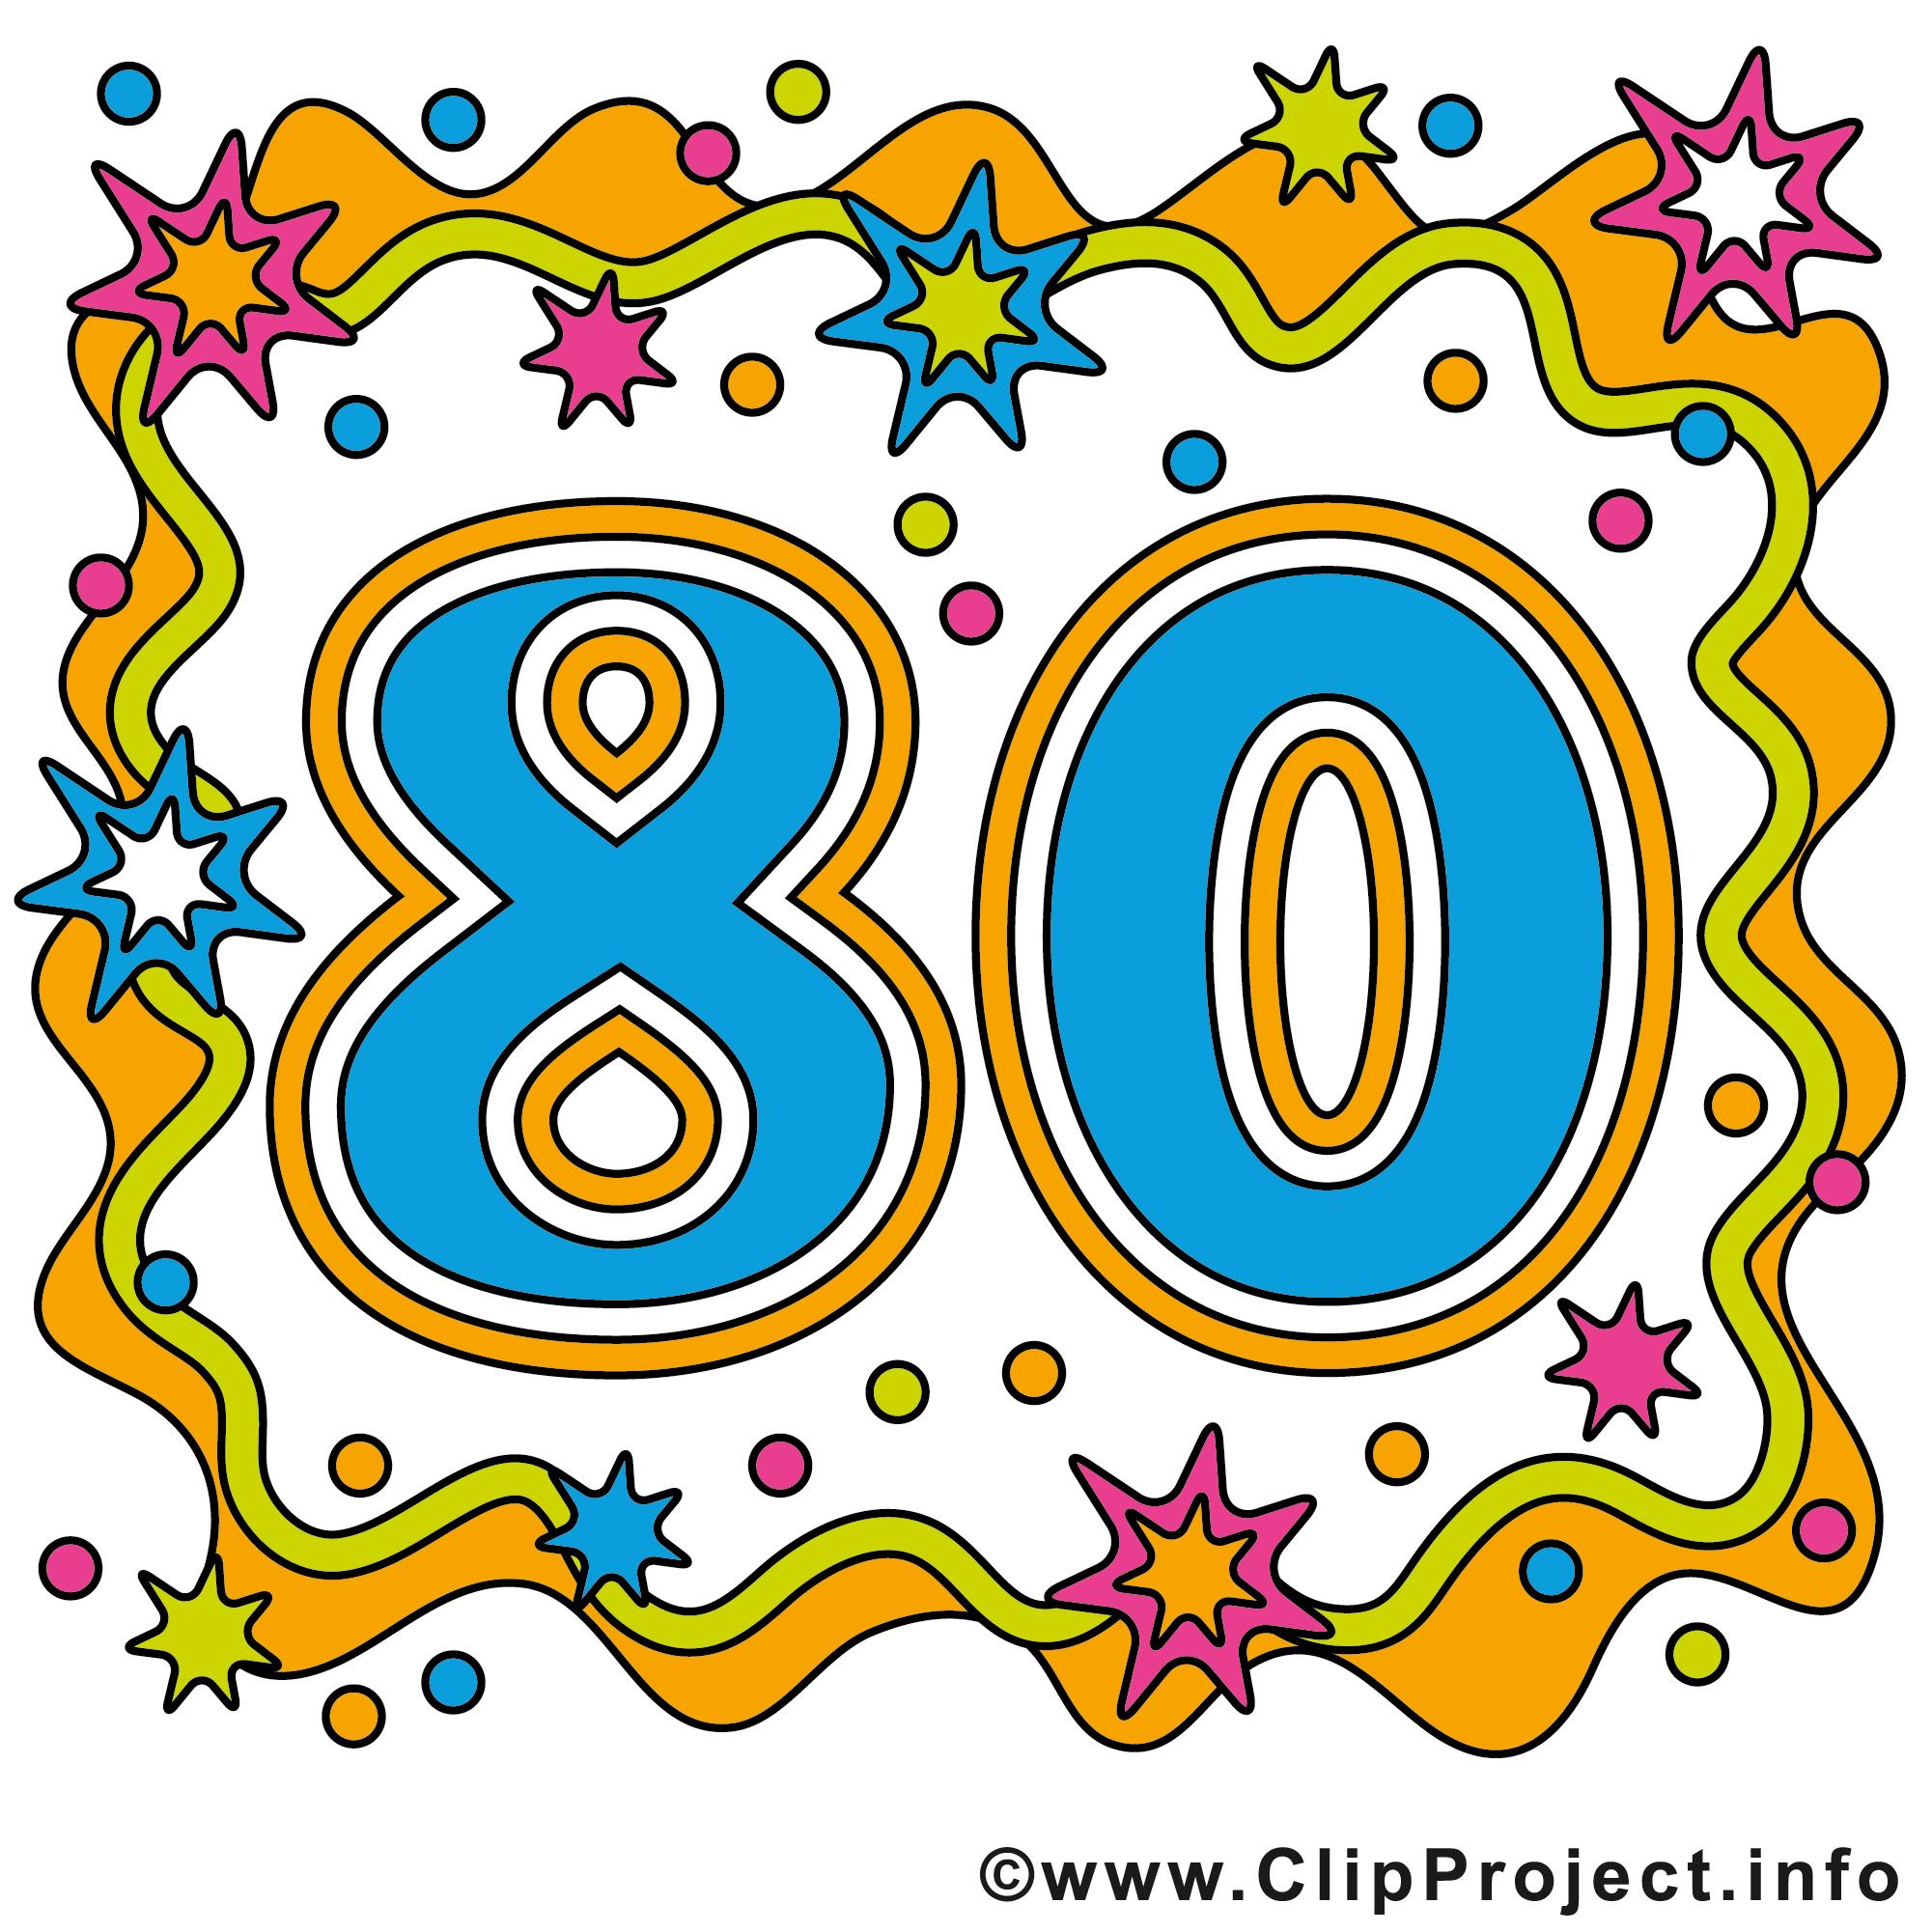 80 ans clipart picture transparent stock 80 ans clipart – Anniversaire dessins gratuits - Anniversaire ... picture transparent stock